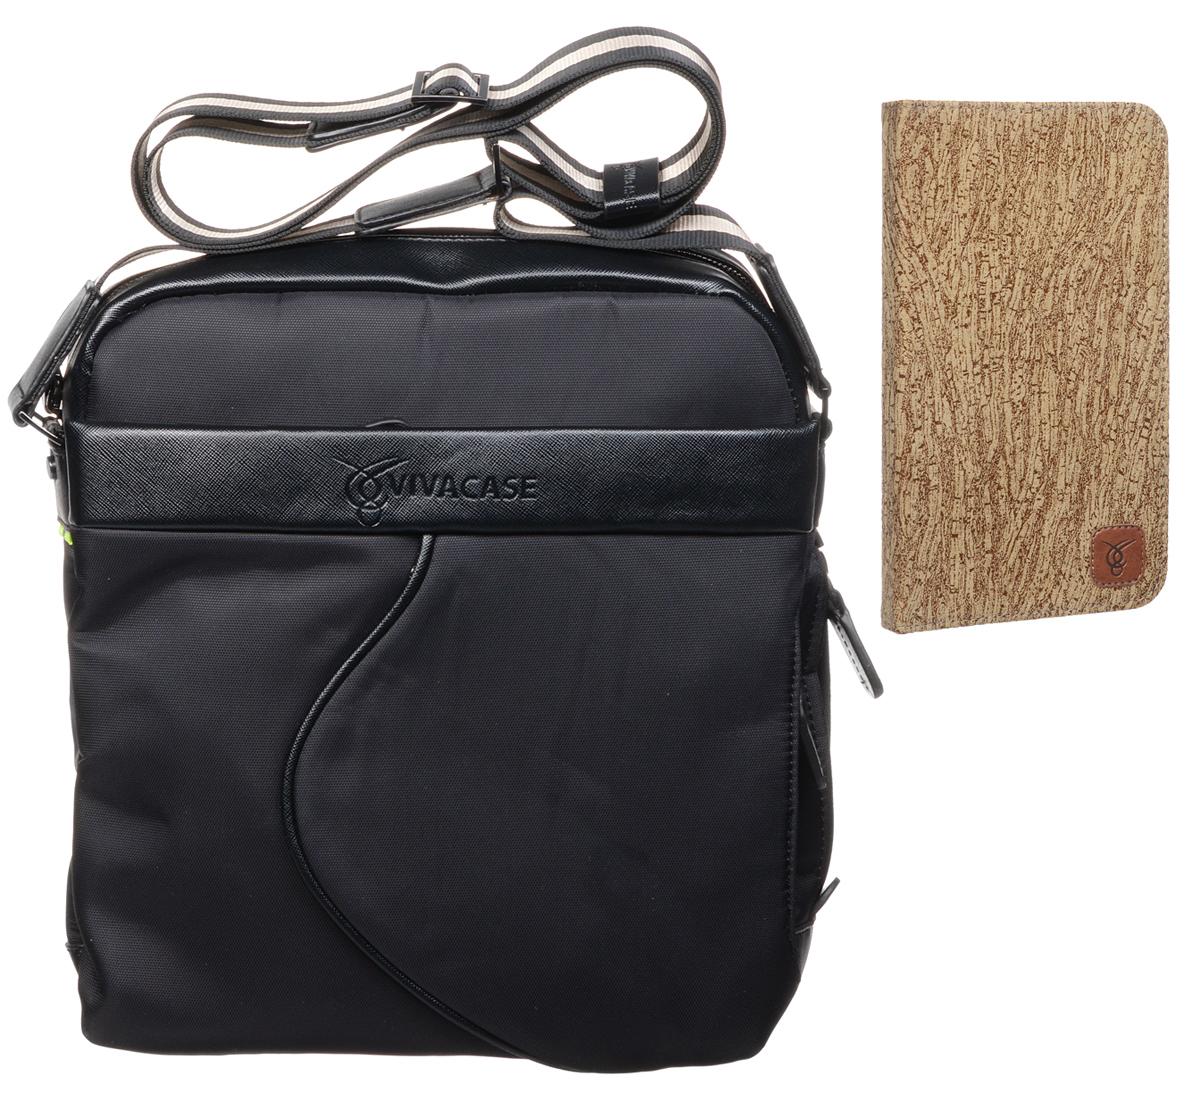 Vivacase комплект сумка для планшетов 9-11, Black + чехол для устройств 7VUC-CM012-bl/VAS-ASMPT06Универсальная сумка для планшетов от Viva учитывает все потребности мобильных людей. Изготовленная из самых качественных материалов она способна служить годами в условиях нашего климата, не только сохранив привлекательный внешний вид, но и надежно защищая ценное содержимое. Дополнительно с сумкой вы получаете чехол Vivacase Textile для Asus MeMO Pad 7, который защитит ваше устройство от механических повреждений. Изготовлена из влагозащищенной ткани и прочной кожи Отделения для документов и личных вещей, а также большой карман для планшета. Ключница и чехол для проездного на рулетке - в комплекте